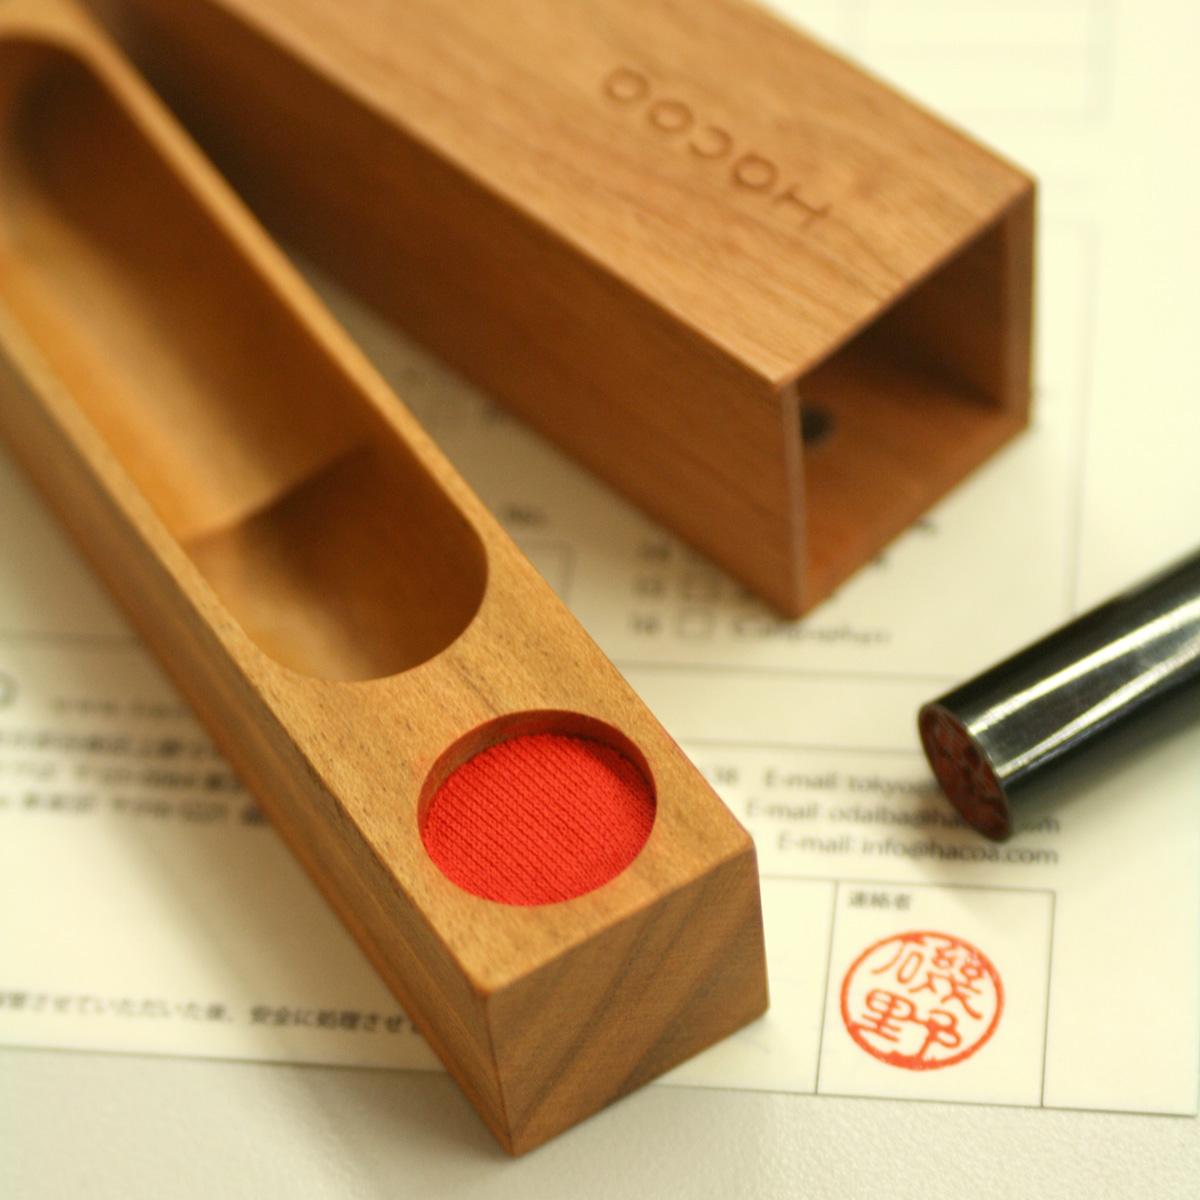 木製印鑑ケースを作ろうとしたきっかけ